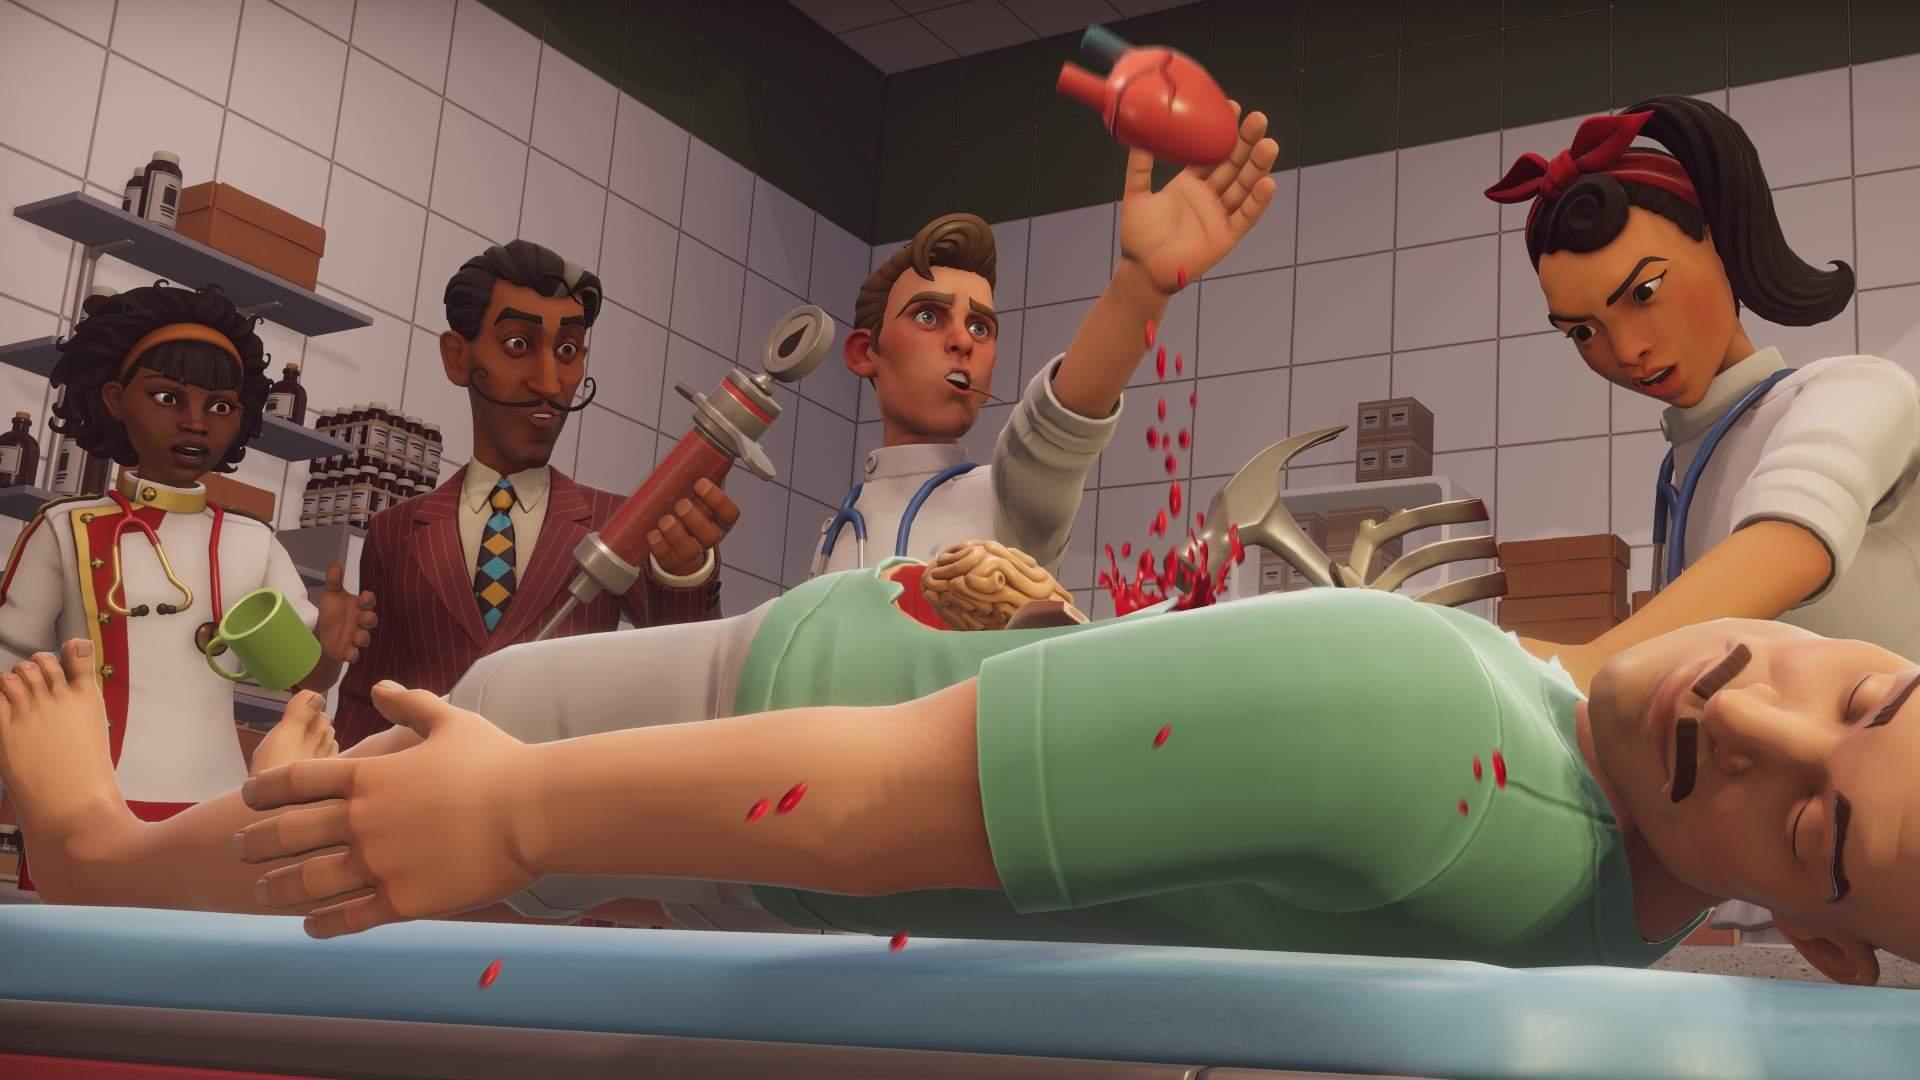 外科医生模拟器 2 - 2 月 XNUMX 日 - 针对 Xbox Series X 进行了优化   S ● 智能交付 ● Xbox 游戏通行证